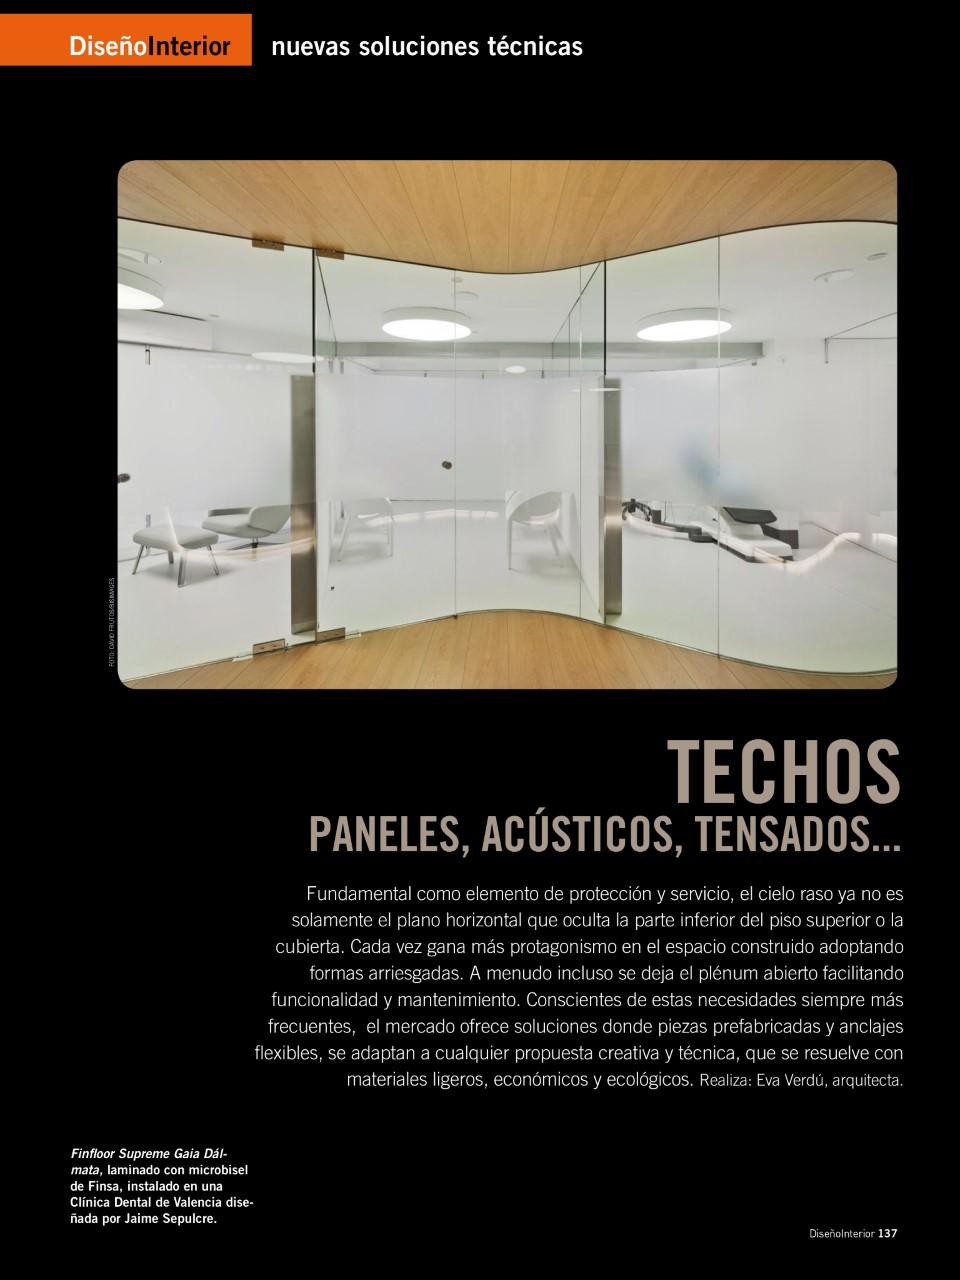 Techos: Paneles, acústicos,tensados..